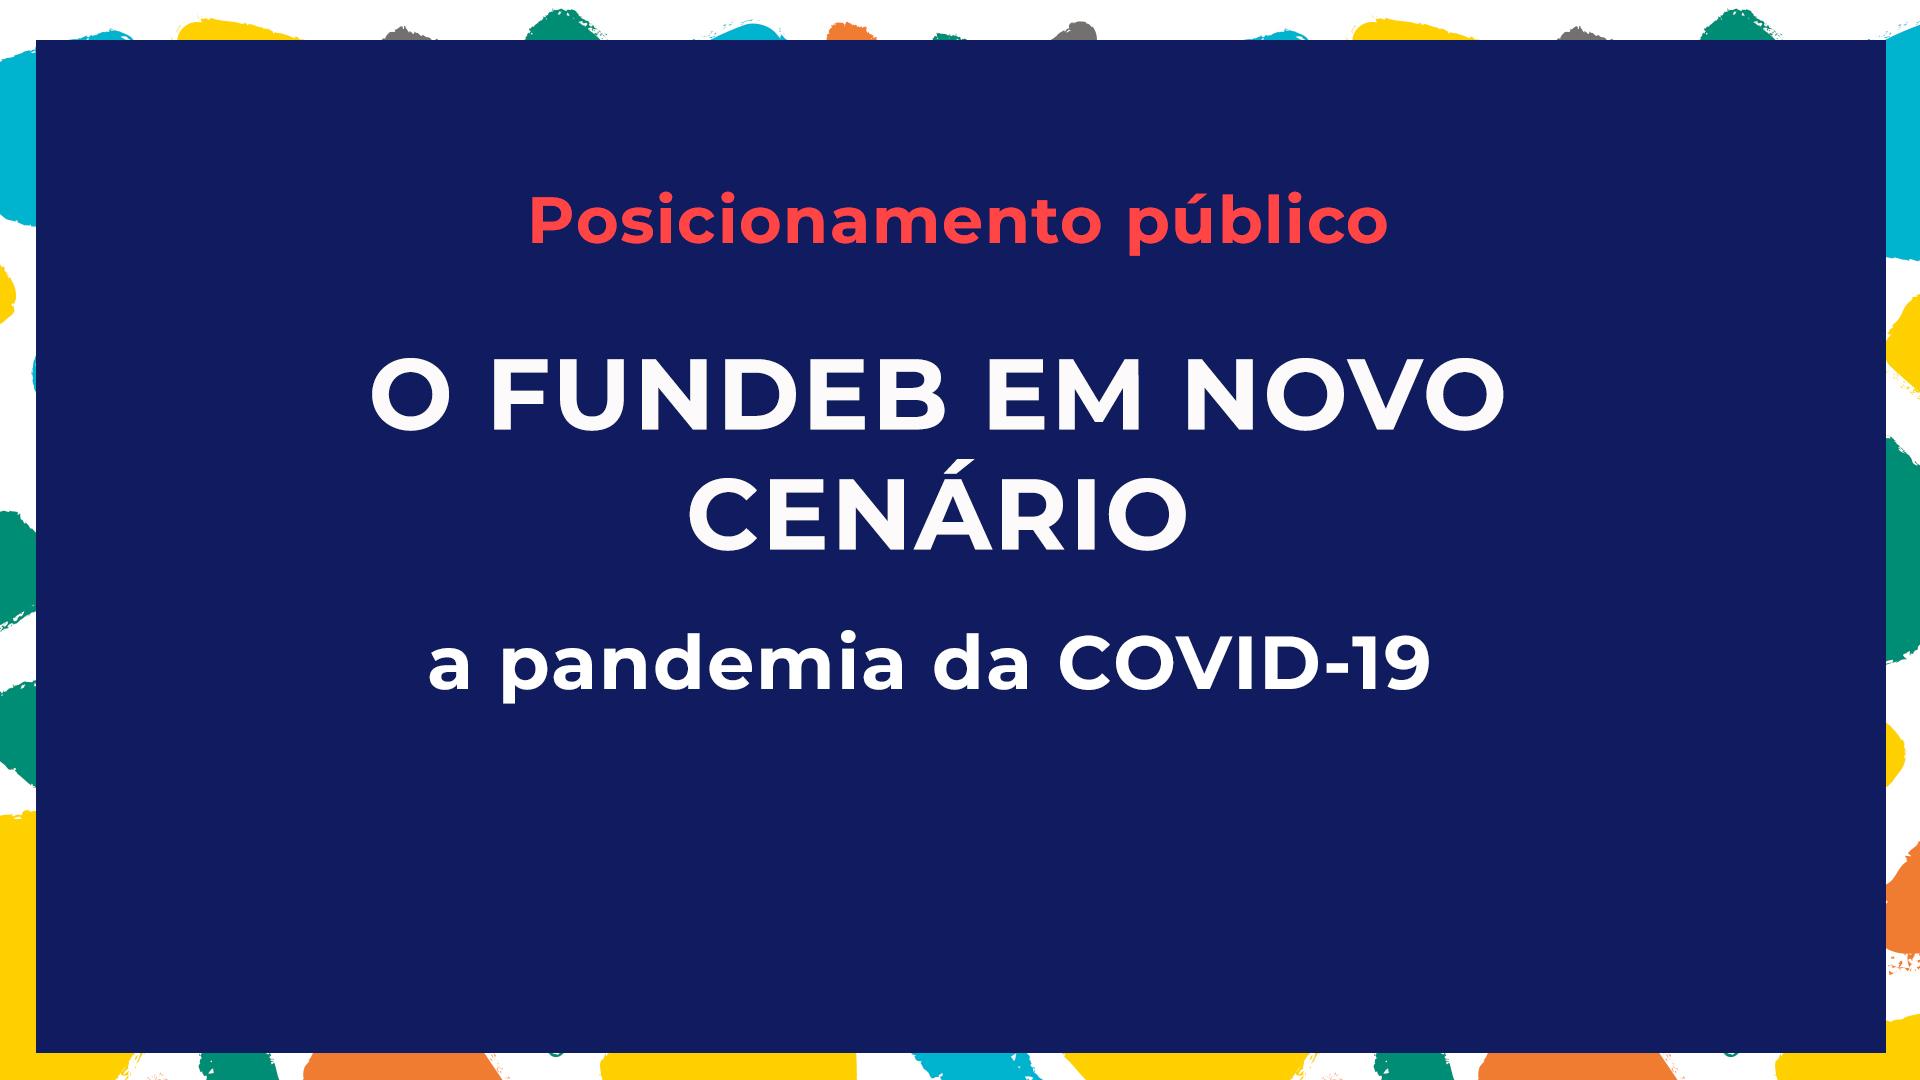 Posicionamento Público: O Fundeb em novo cenário – a pandemia da Covid-19